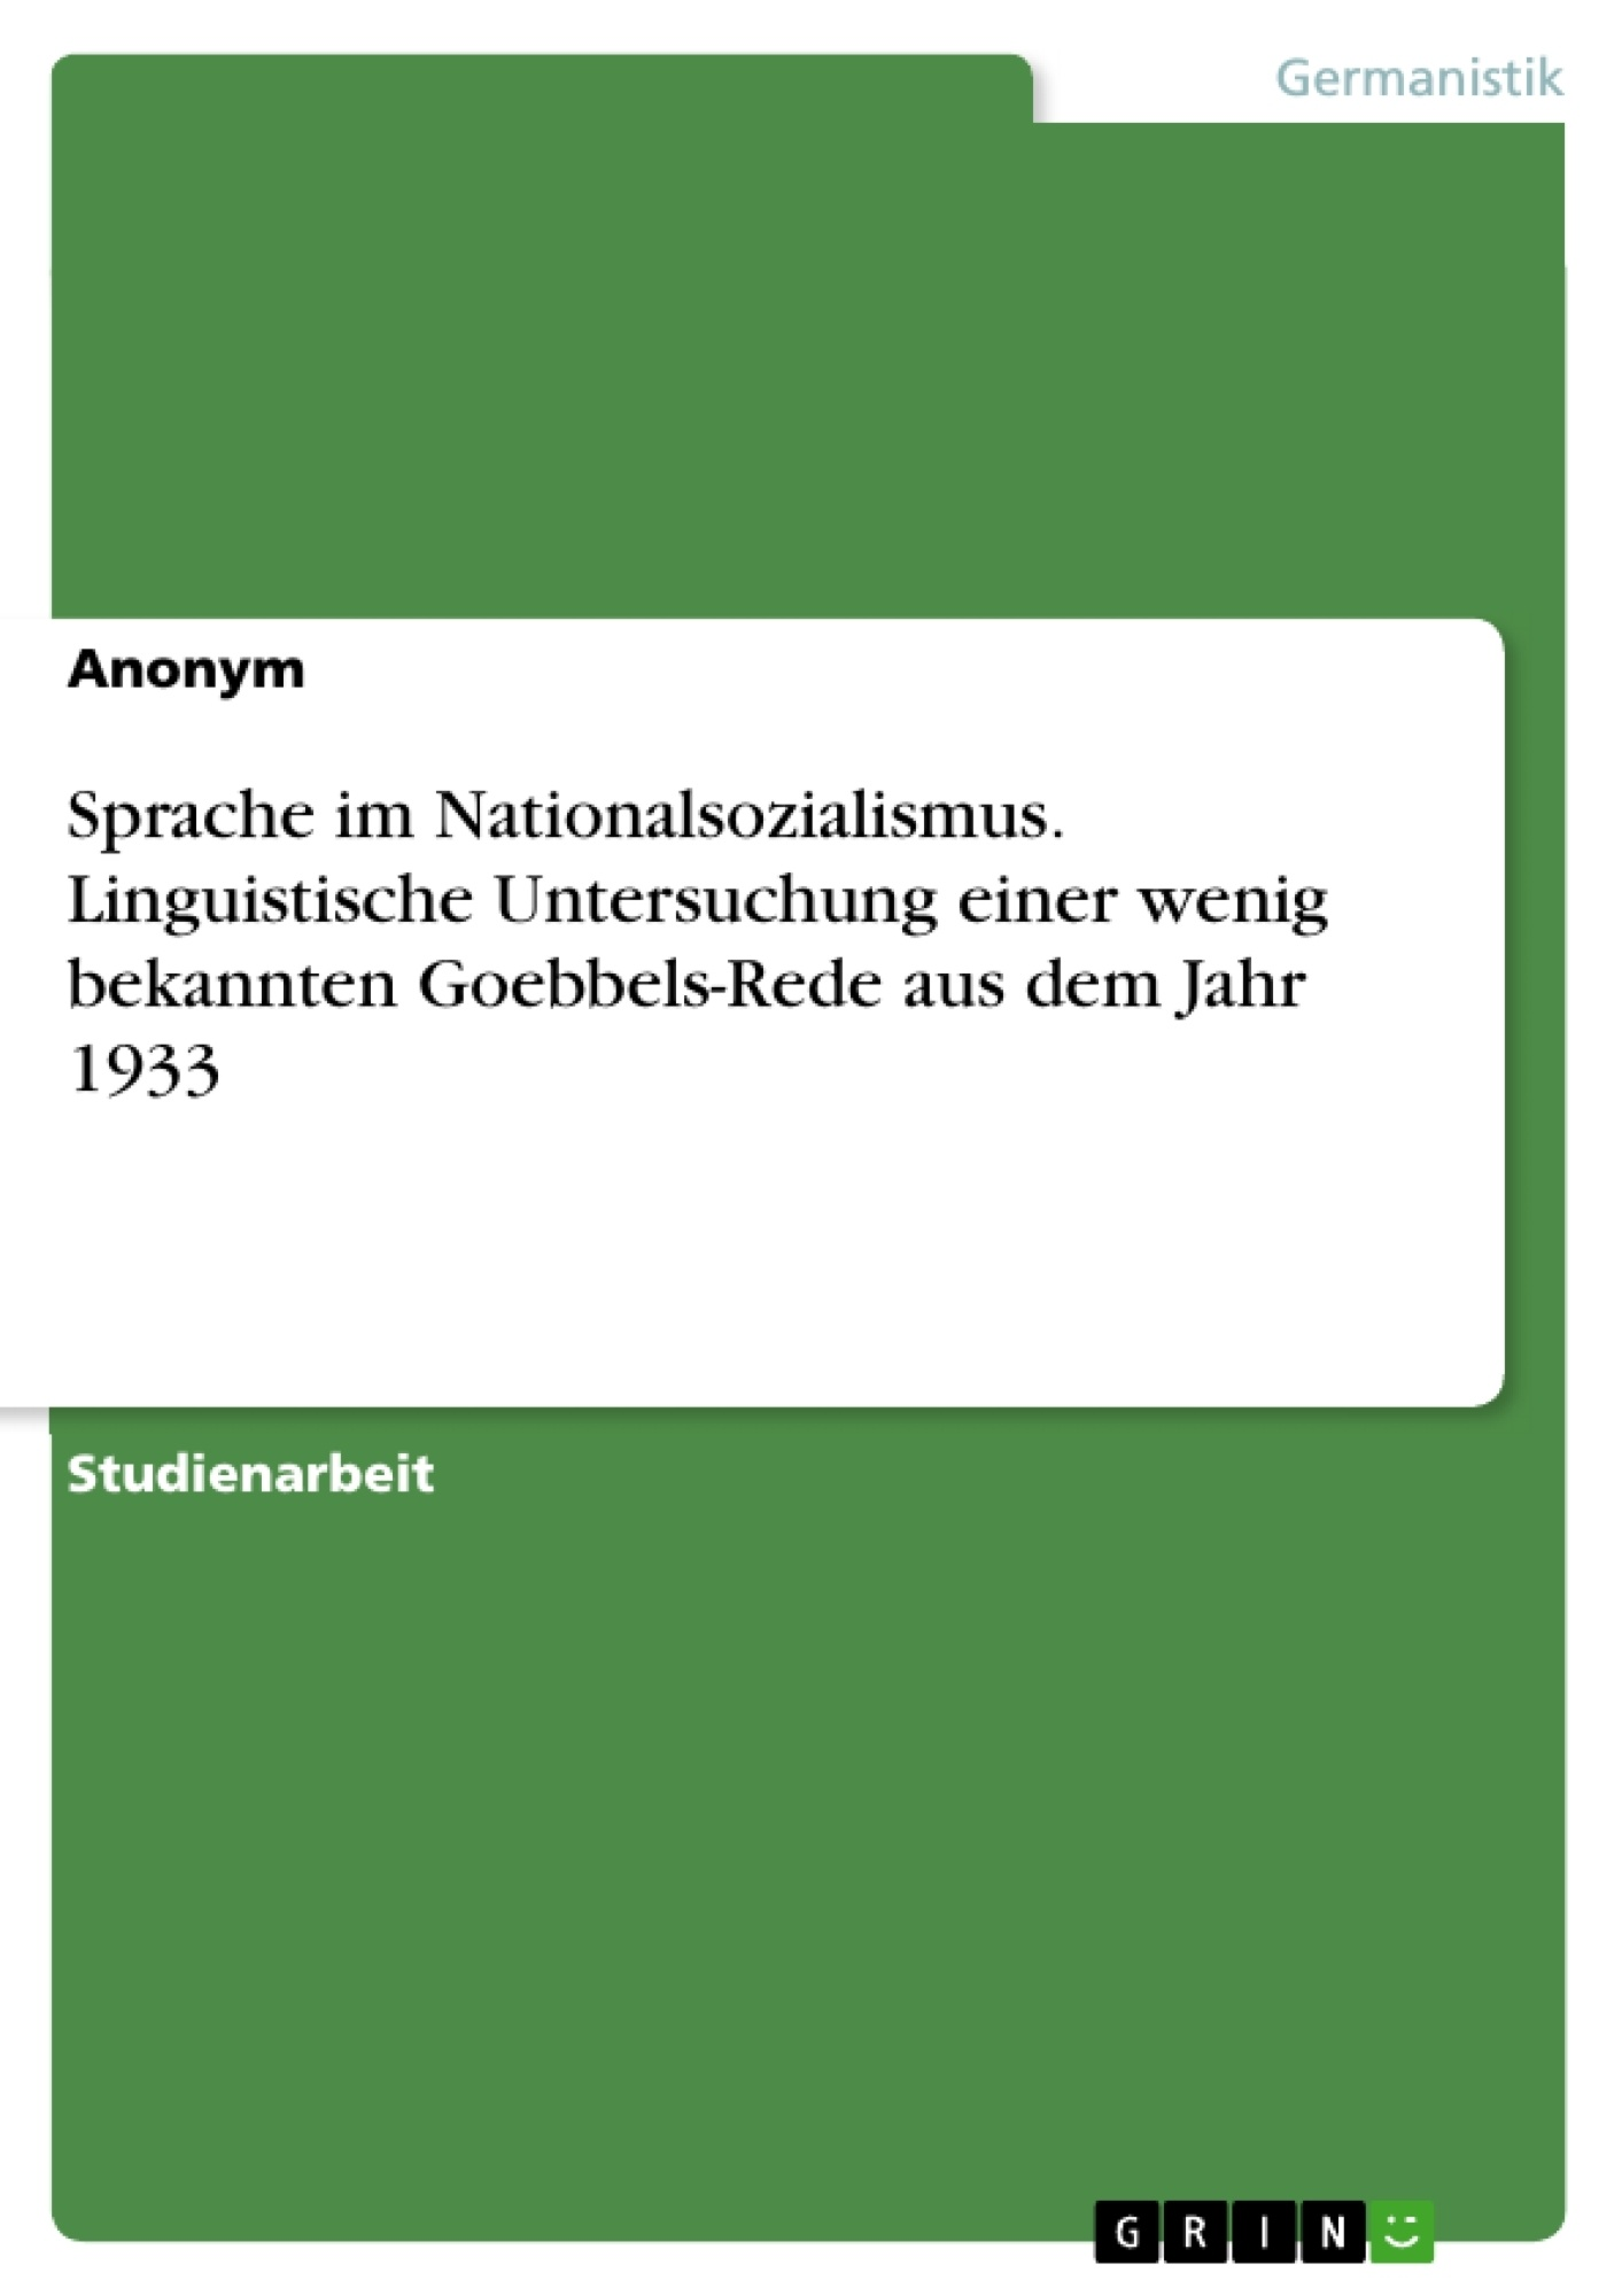 Titel: Sprache im Nationalsozialismus. Linguistische Untersuchung einer wenig bekannten Goebbels-Rede aus dem Jahr 1933